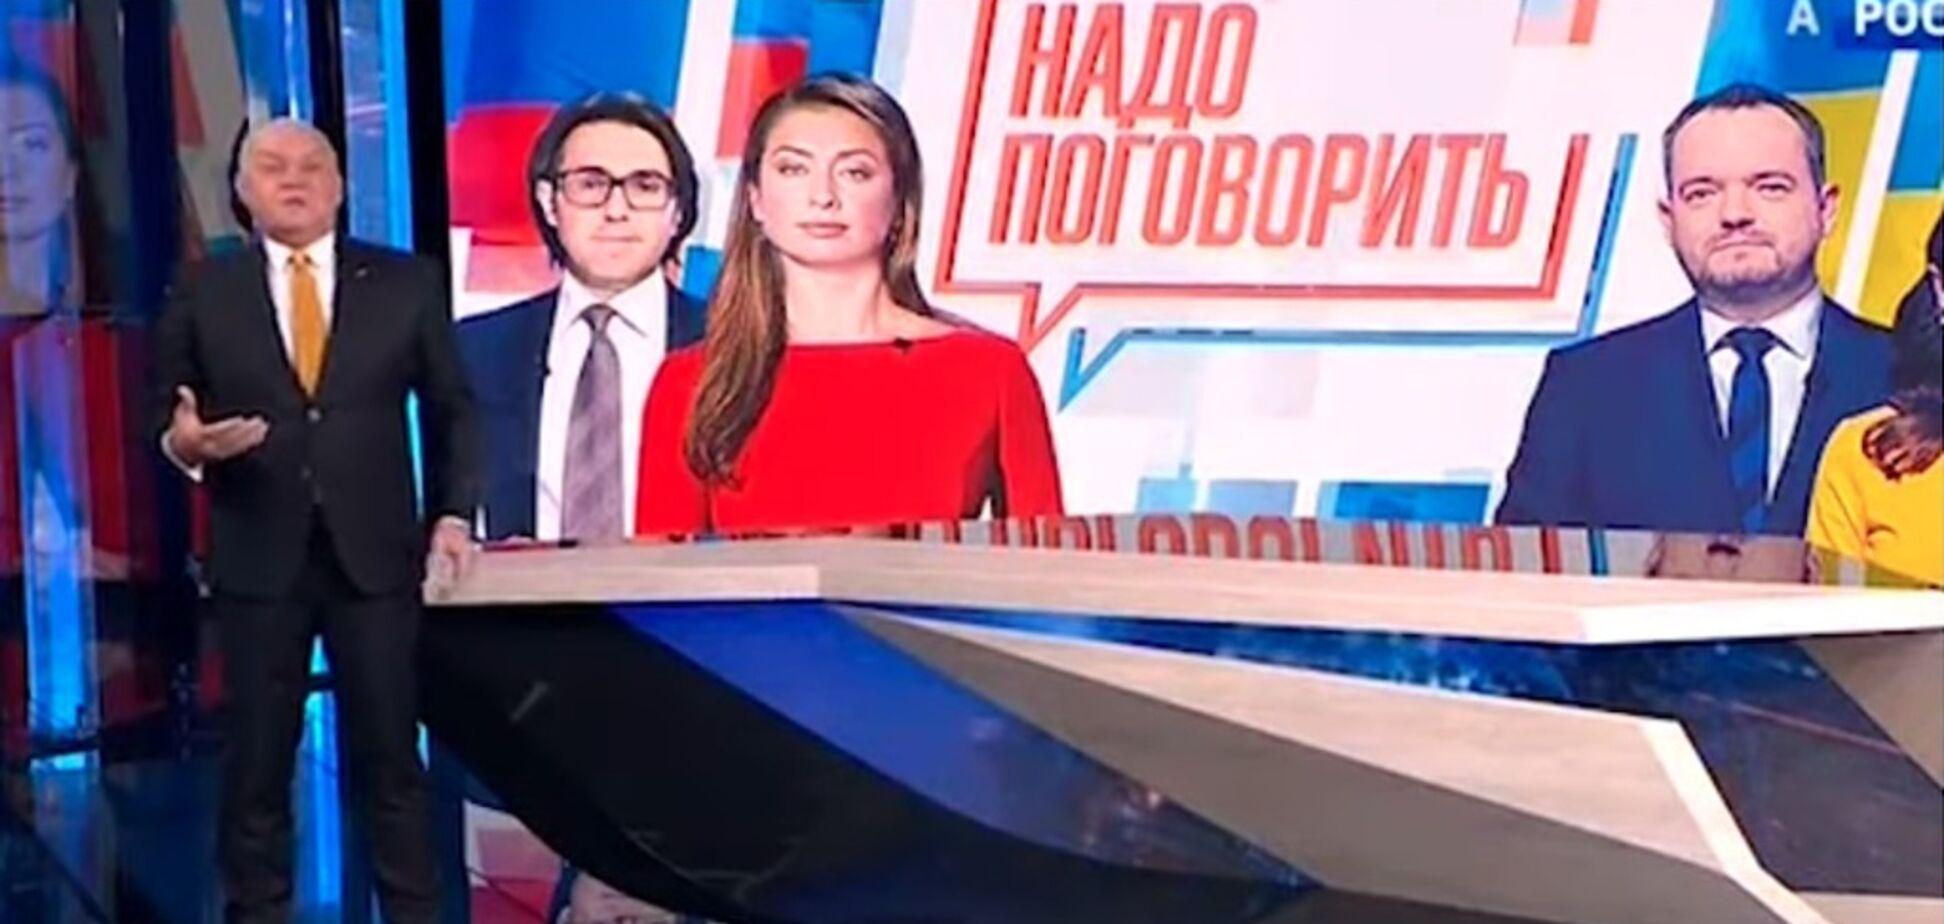 'Коли останній чобіт росіян залишить Україну': у Порошенка жорстко відреагували на телеміст із пропагандистським каналом Росії